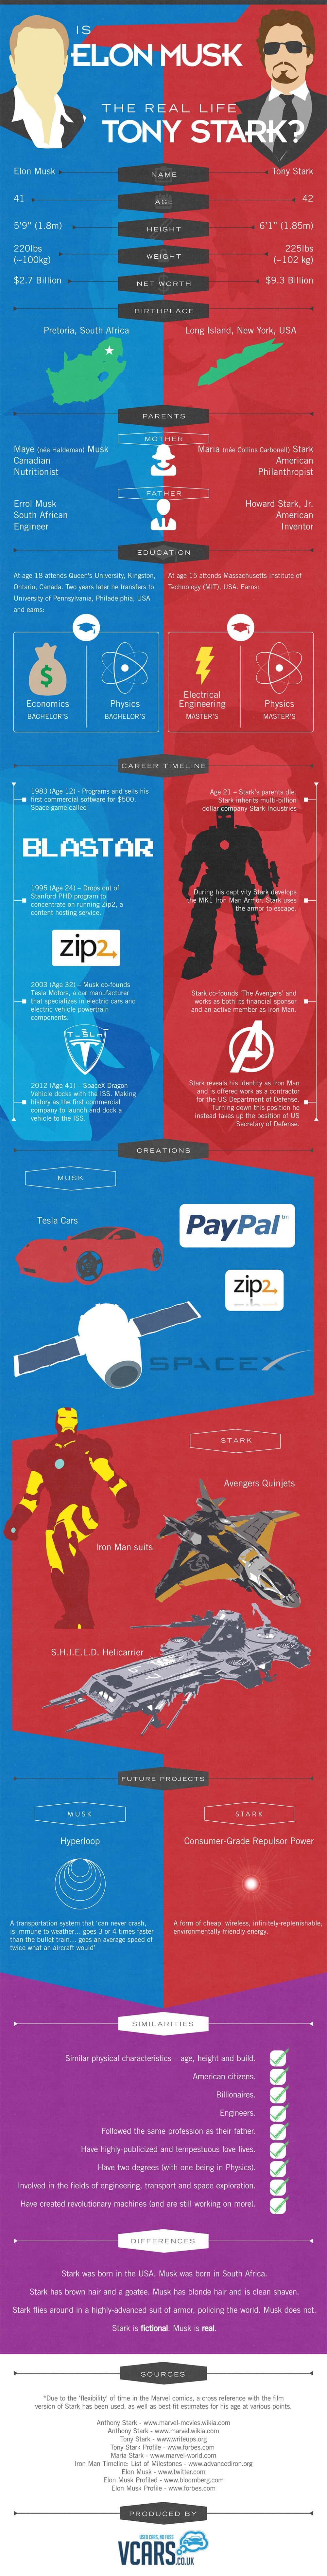 Tony-Stark-Elon-Musk